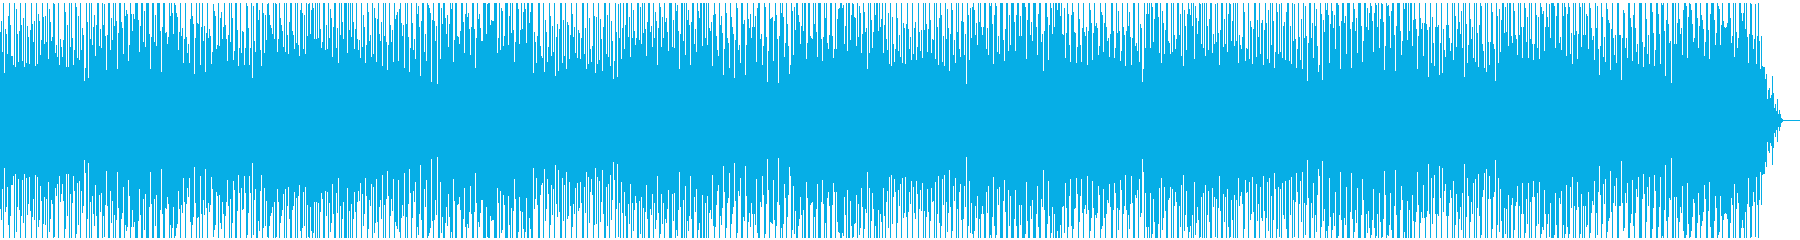 コミカルで楽しくなるメロディーの再生済みの波形